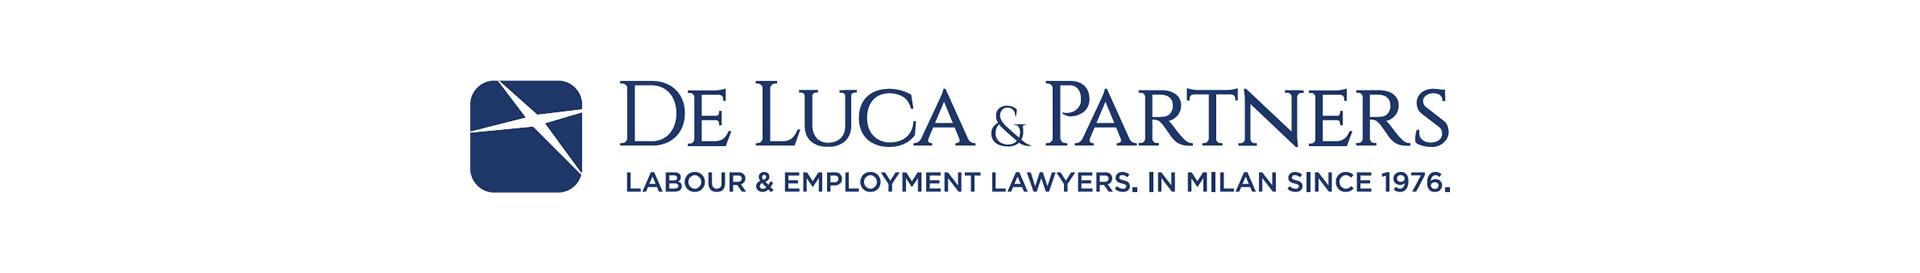 Deluca Partners